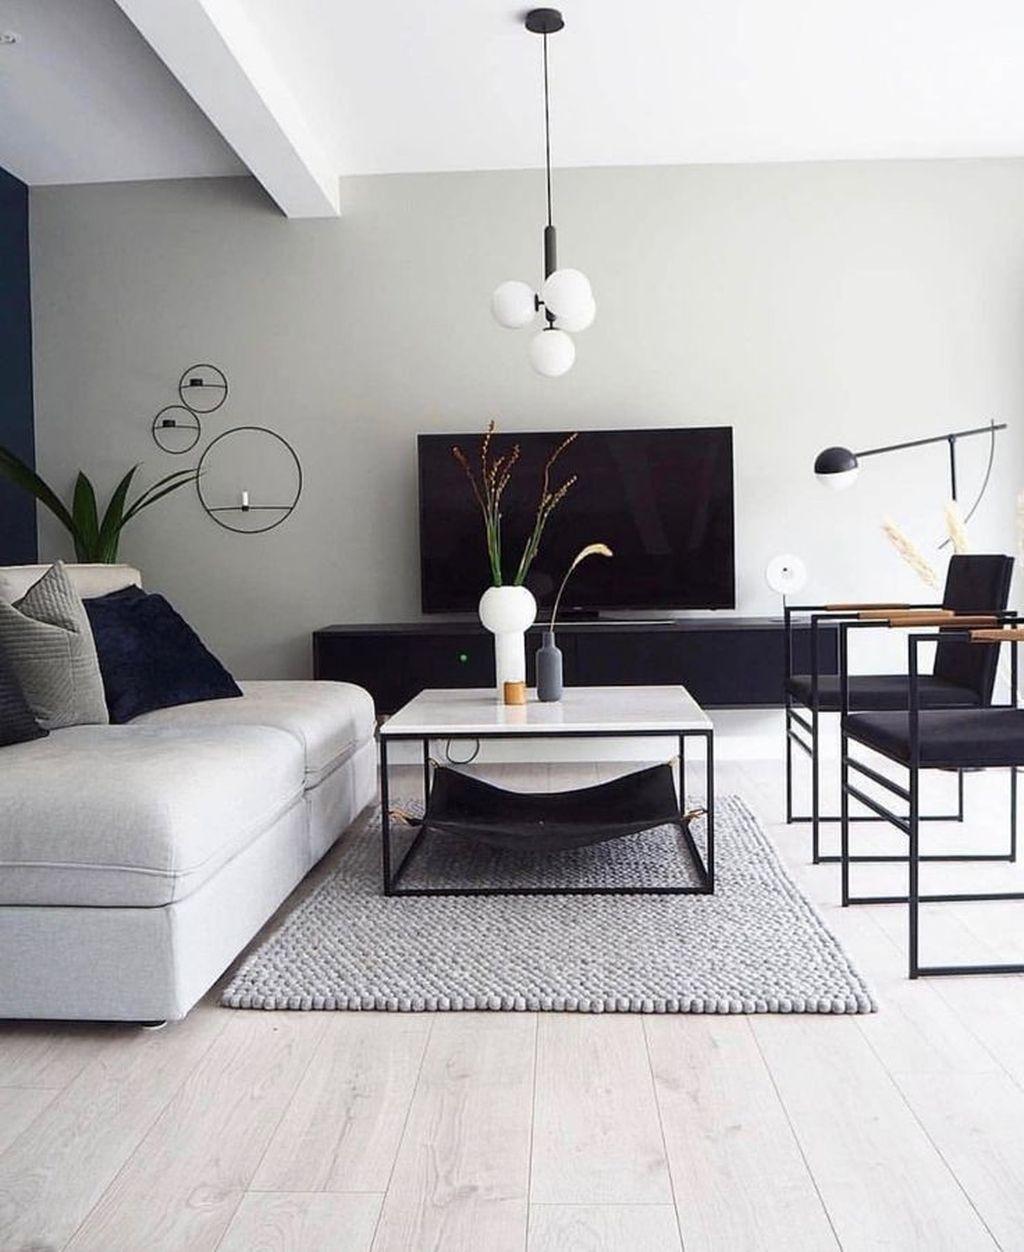 37 Awesome Monochrome Living Room Decor Ideas Monochrome Living Room Stylish Living Room Modern Rustic Living Room Stylish living room decor